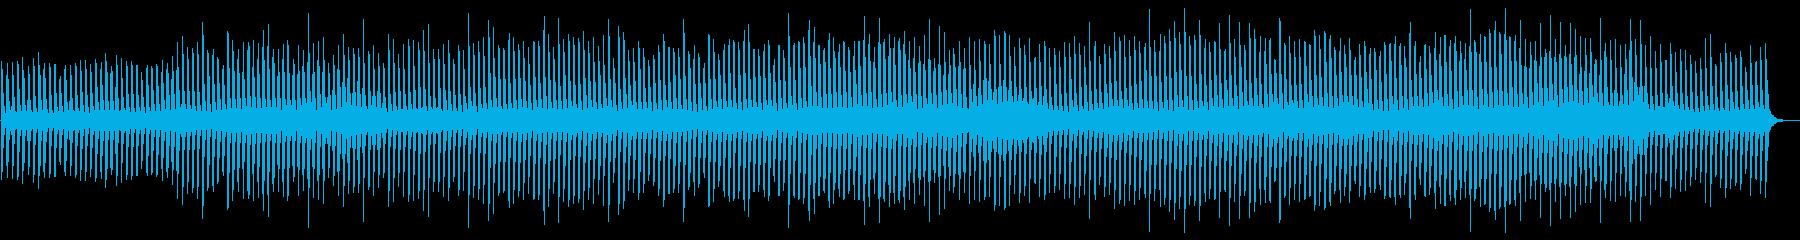 ミニマルっぽいソロピアノの再生済みの波形